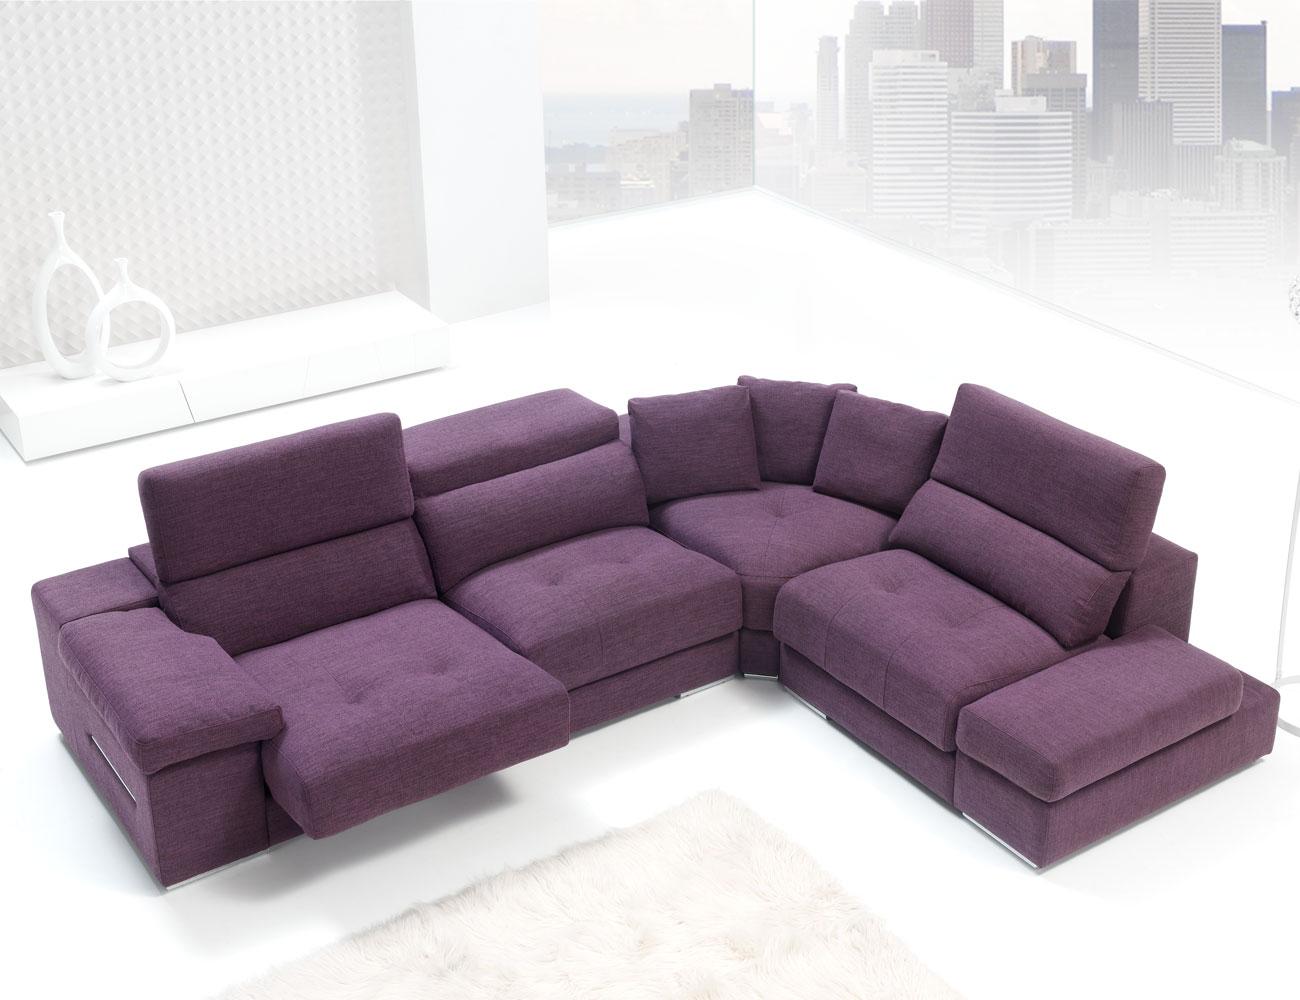 Sofa chaiselongue rincon con brazo mecanico tejido anti manchas 250